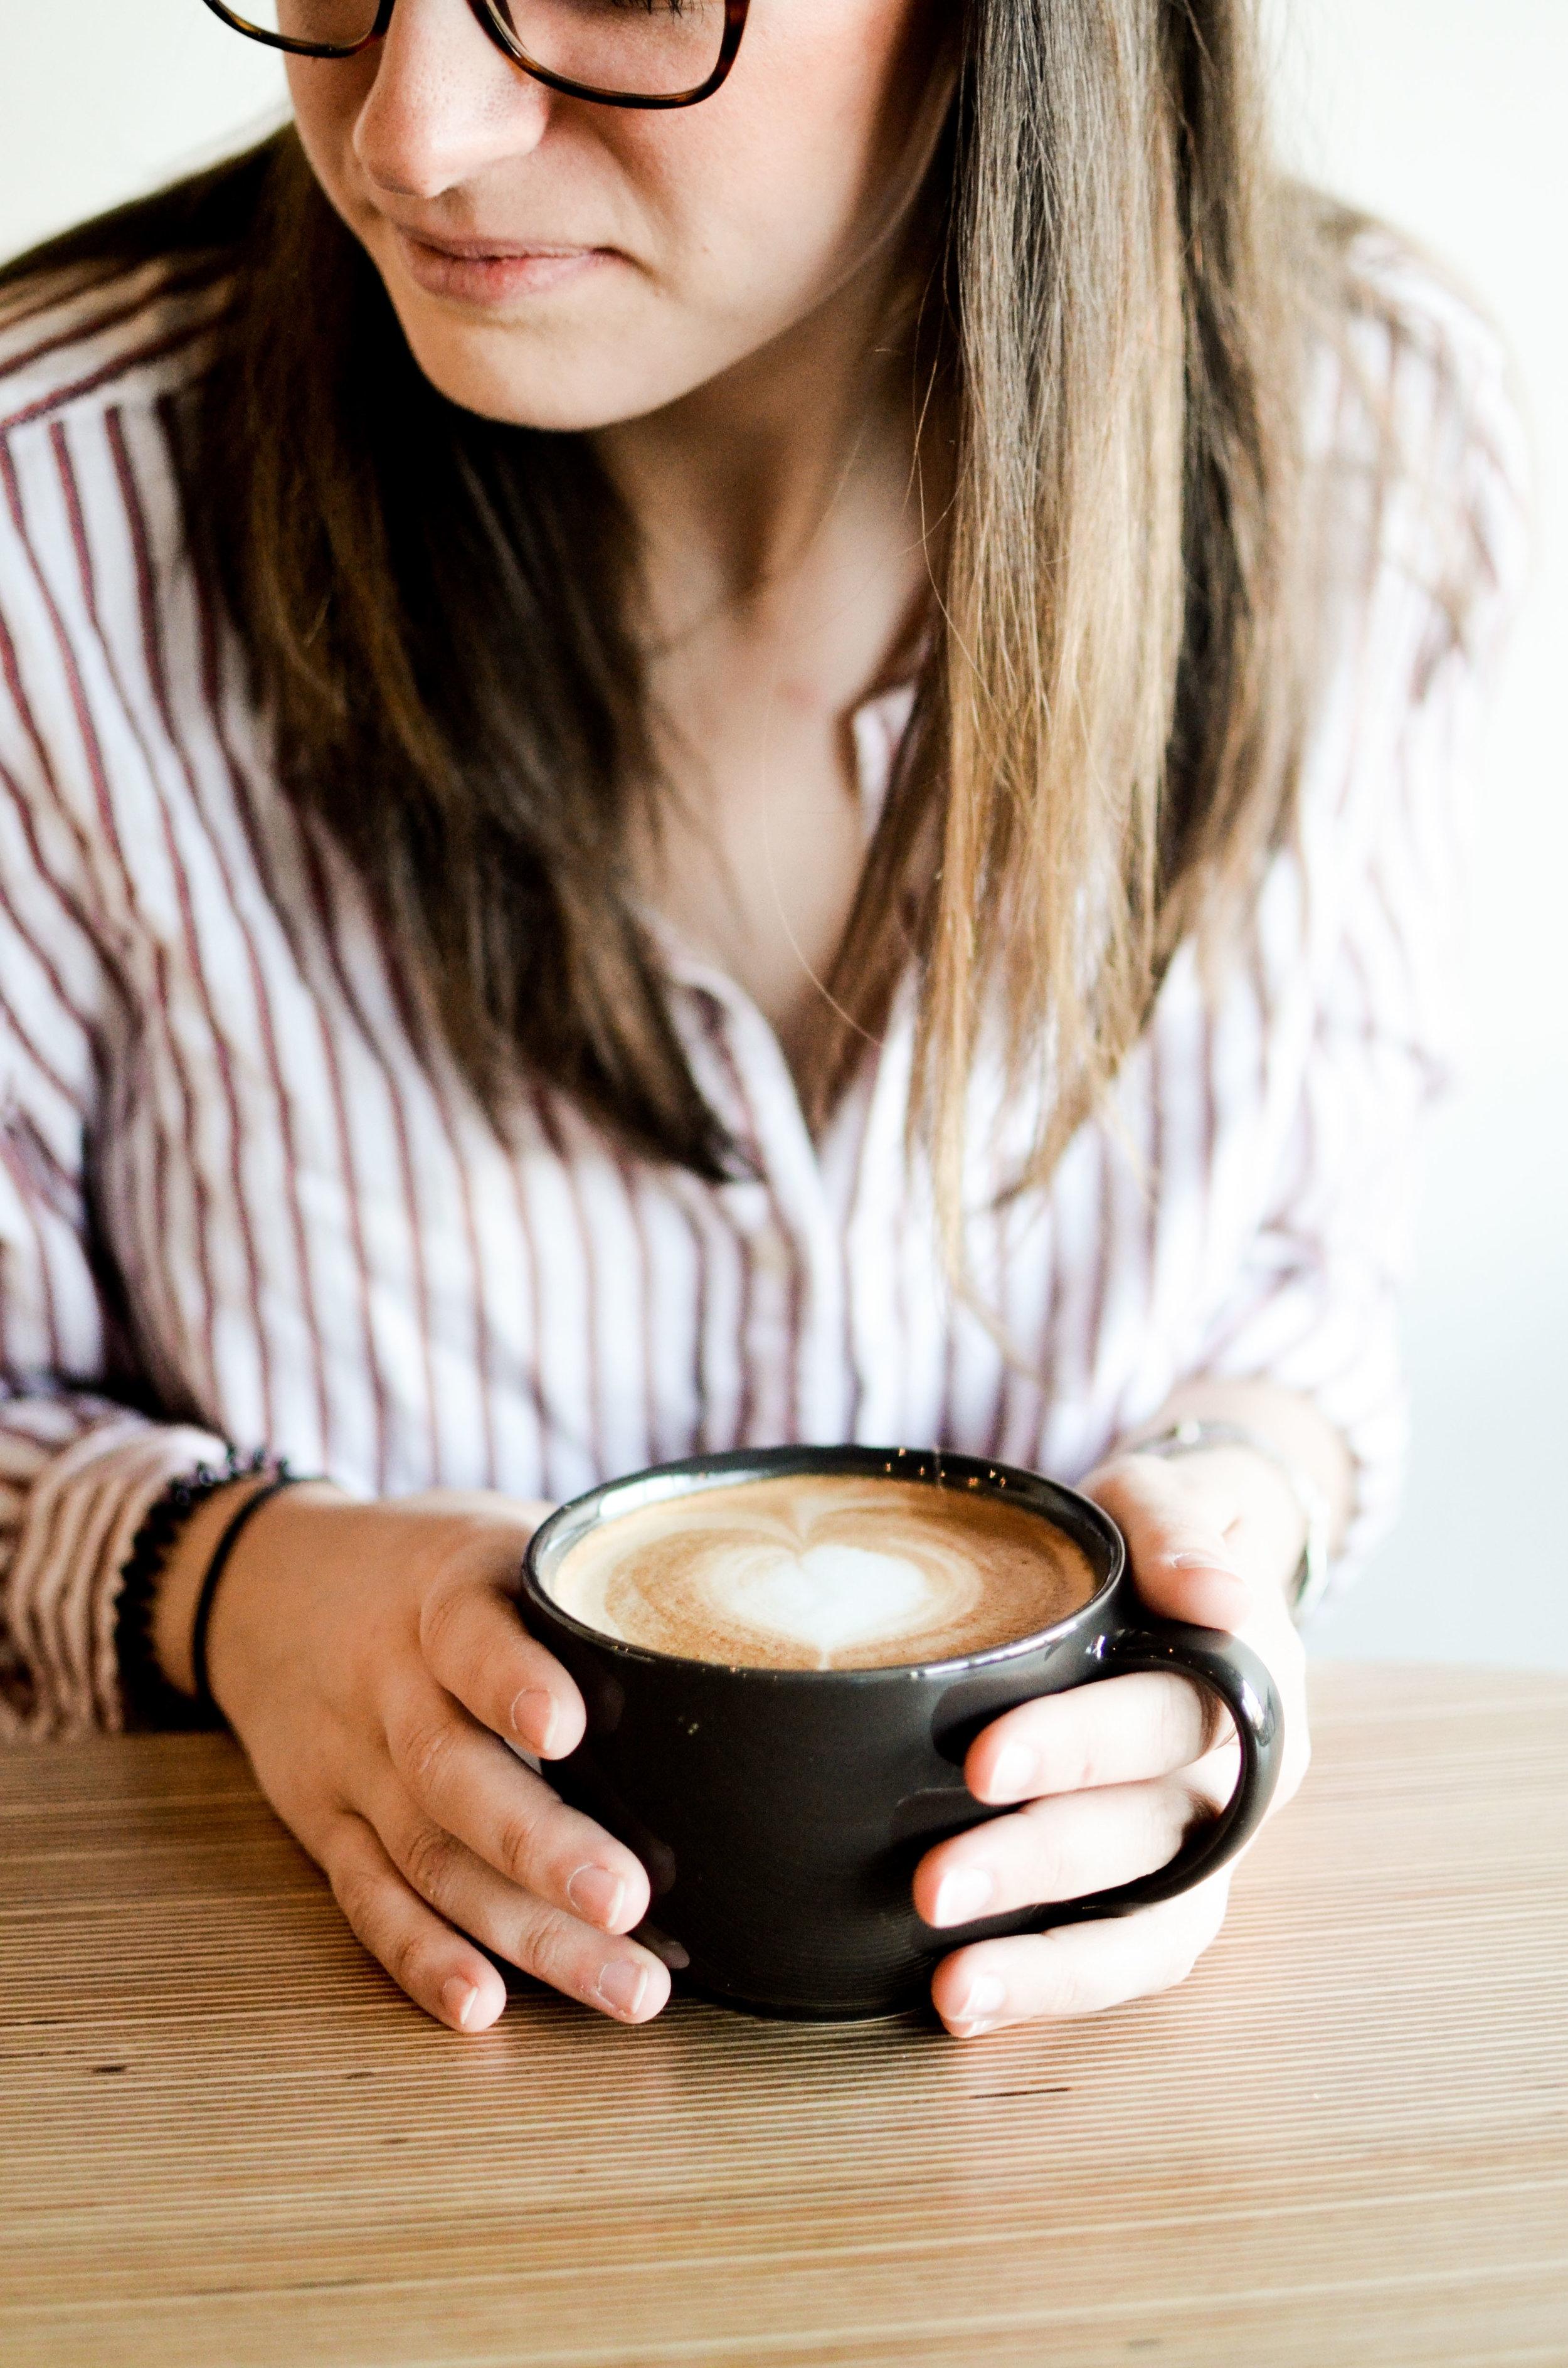 Wendling_Boyd_Drip_Coffee_Holland_Michigan_Coffee_Culture-2.jpg